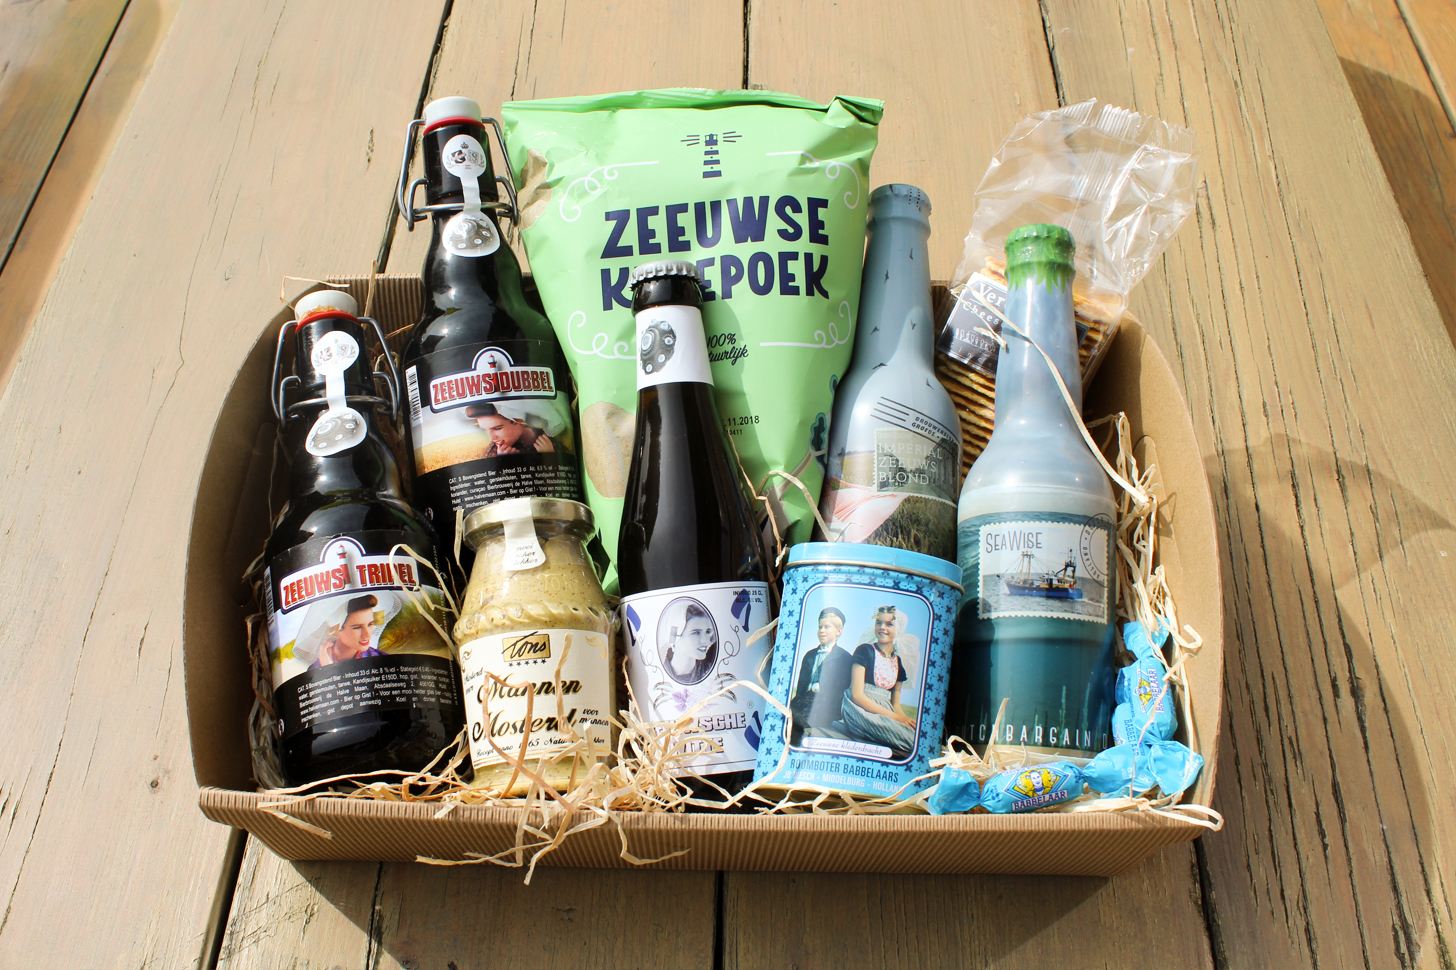 Zeeuws Bierpakket de luxe